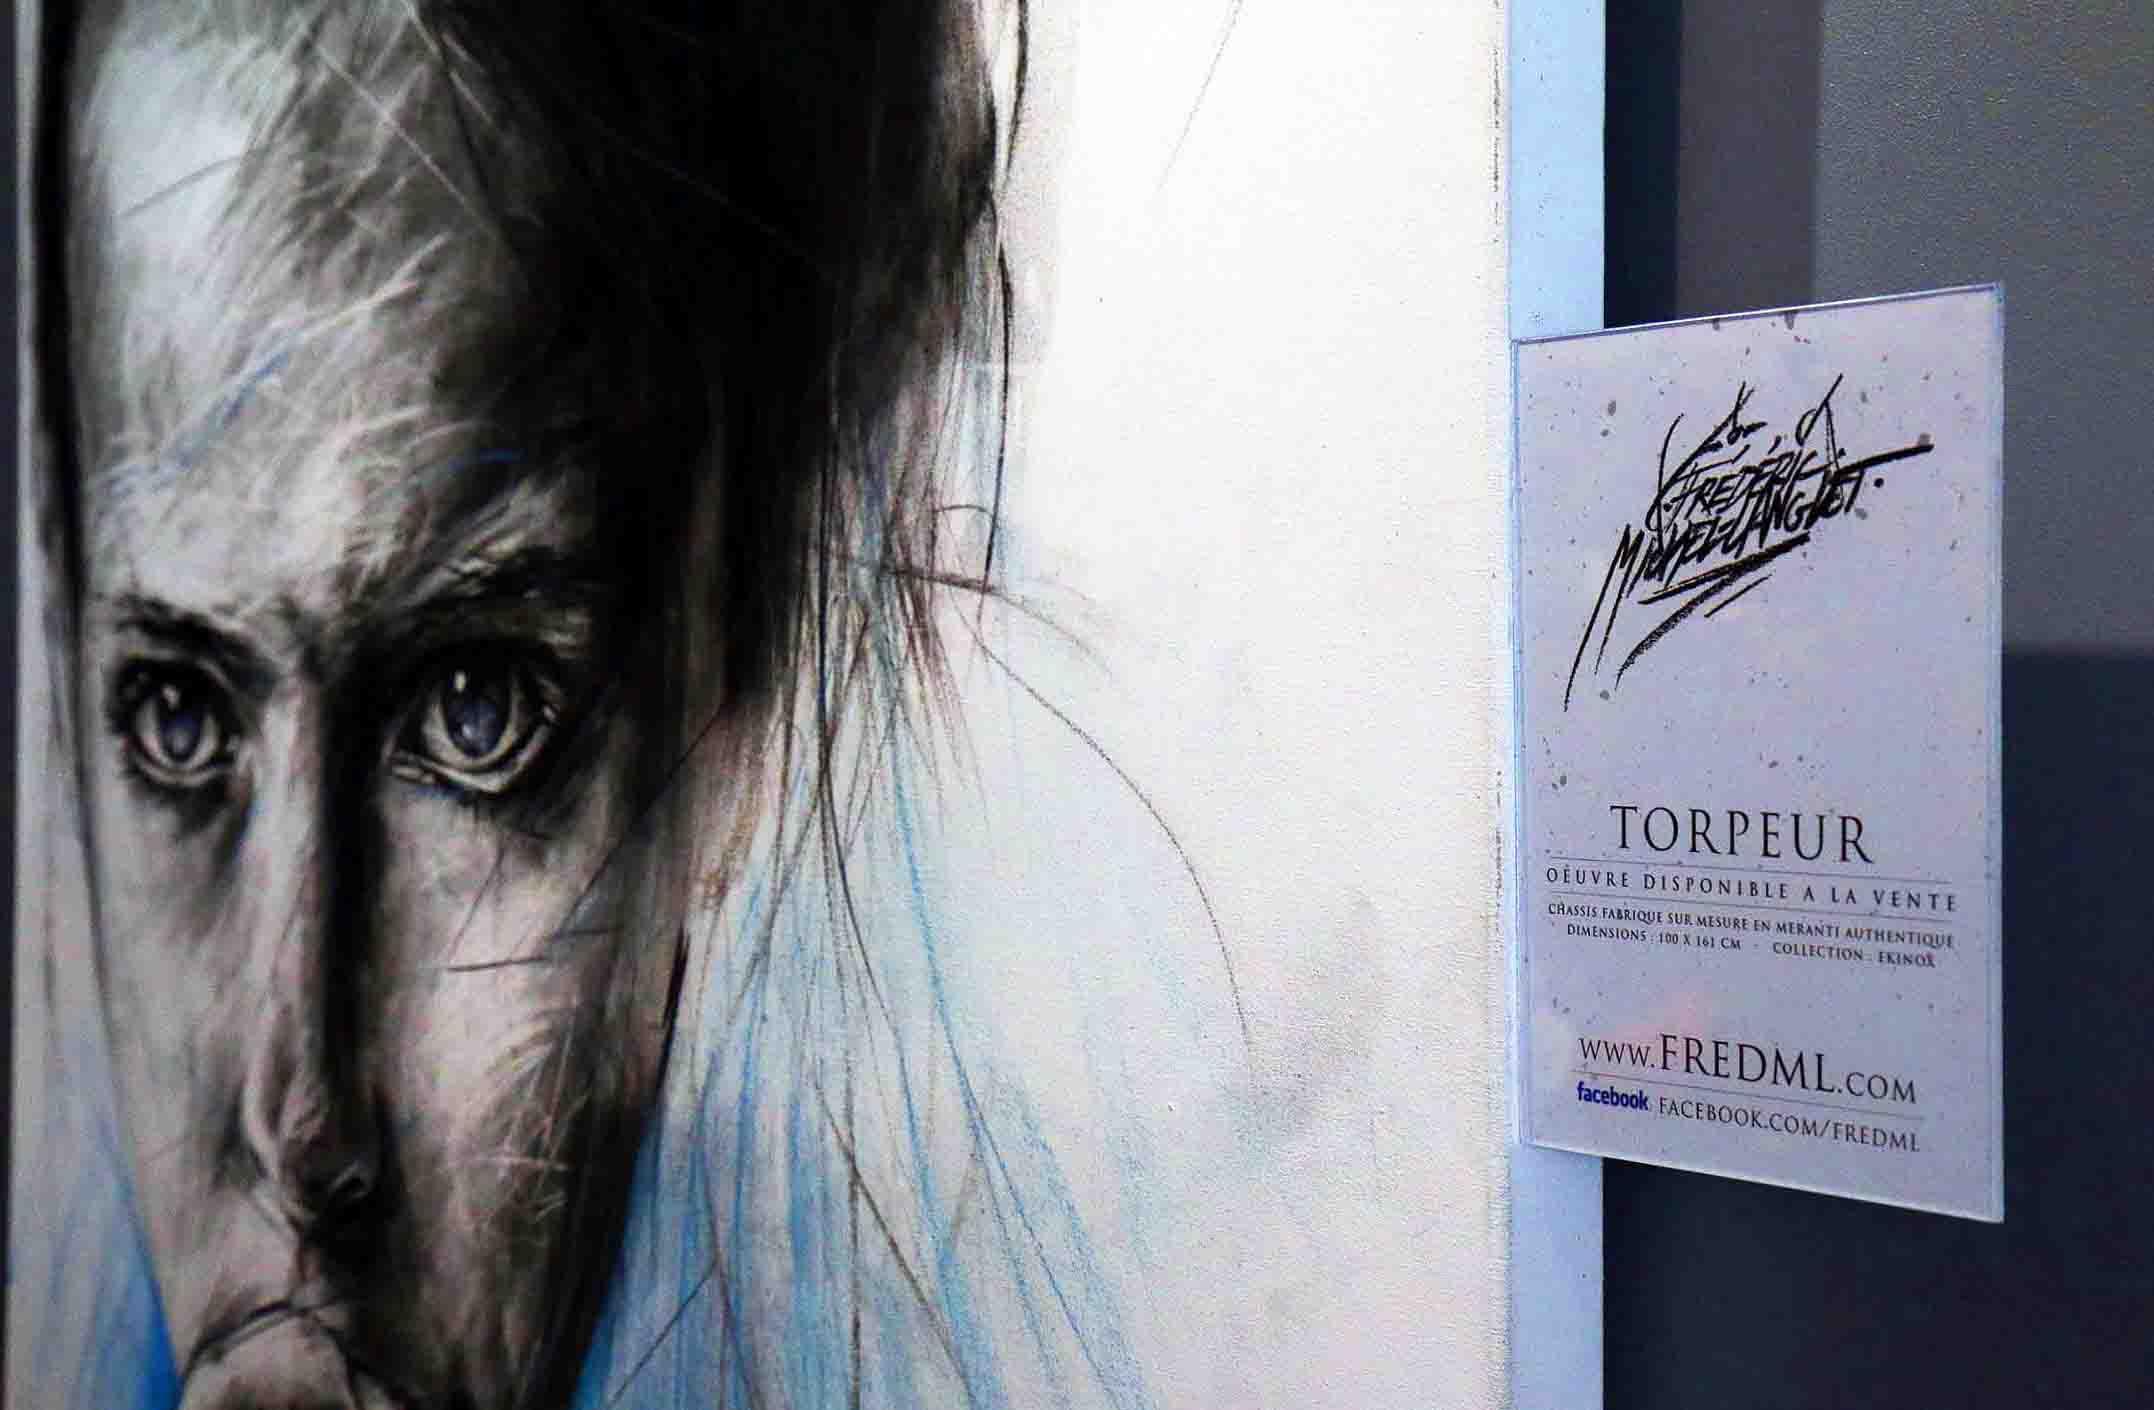 plaquette de présentation du portrait torpeur à l'expositions histoire 2 à chantilly